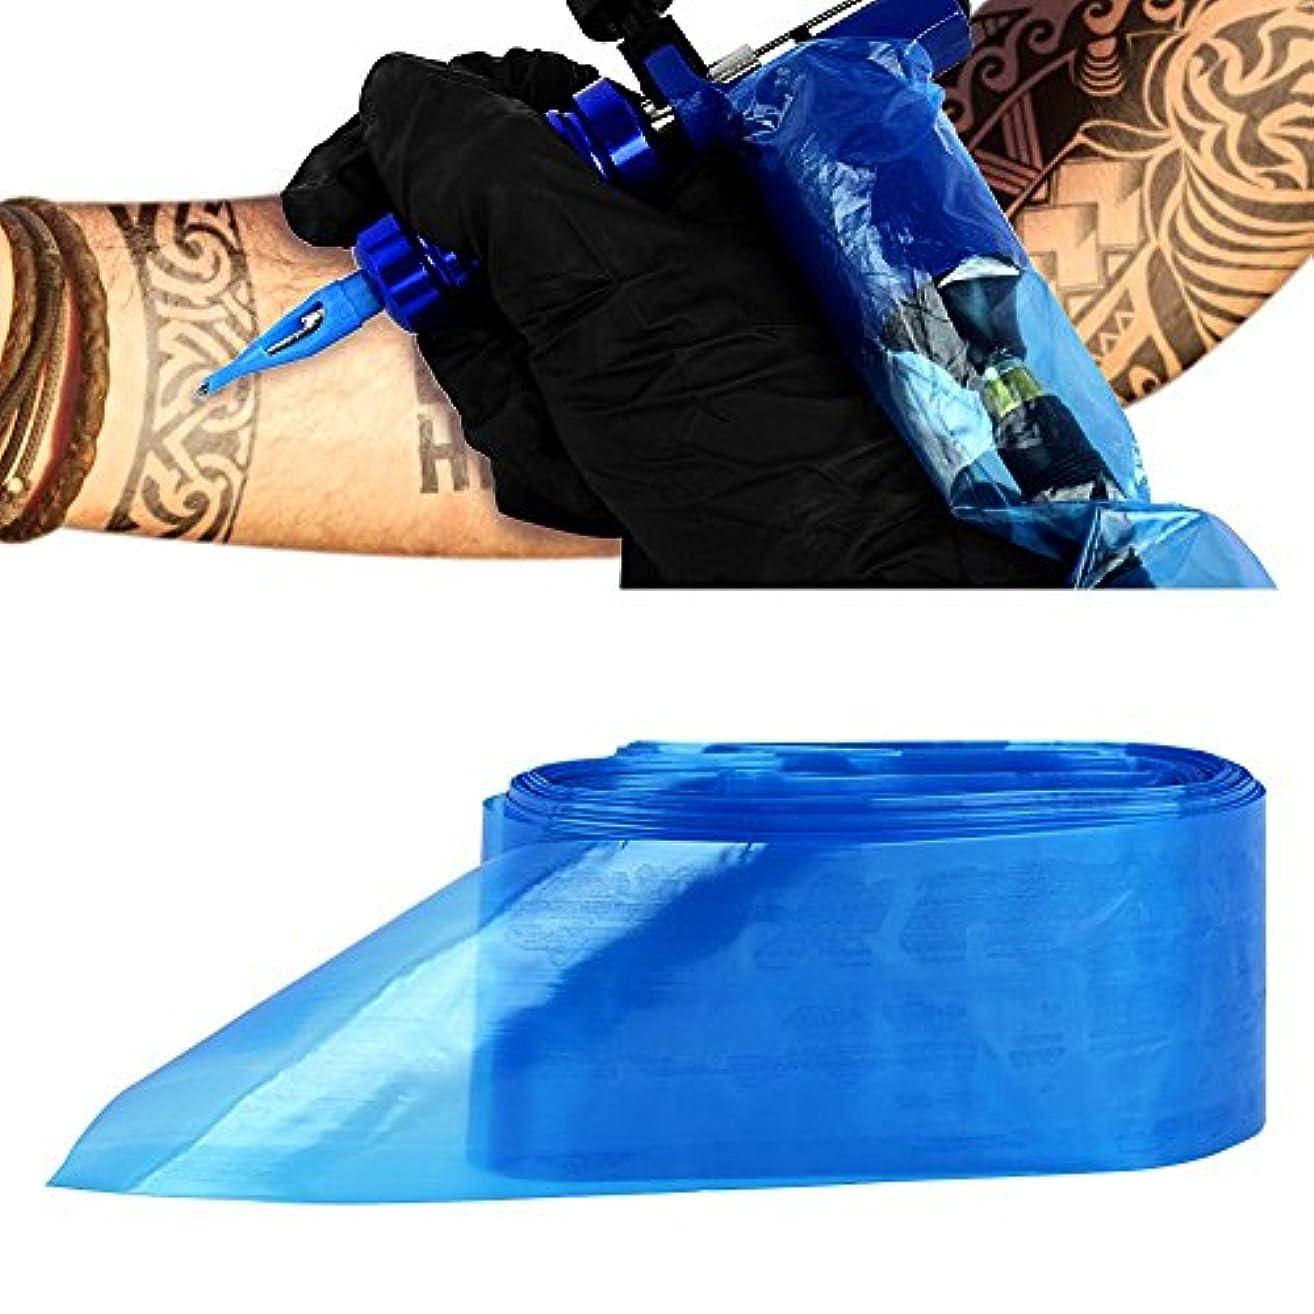 均等に唇倍率ATOMUS タトゥークリップカバー バッグ タトゥ コード スリーブバッグ タトゥーマシンのため 使い捨て ブルー 100PCS